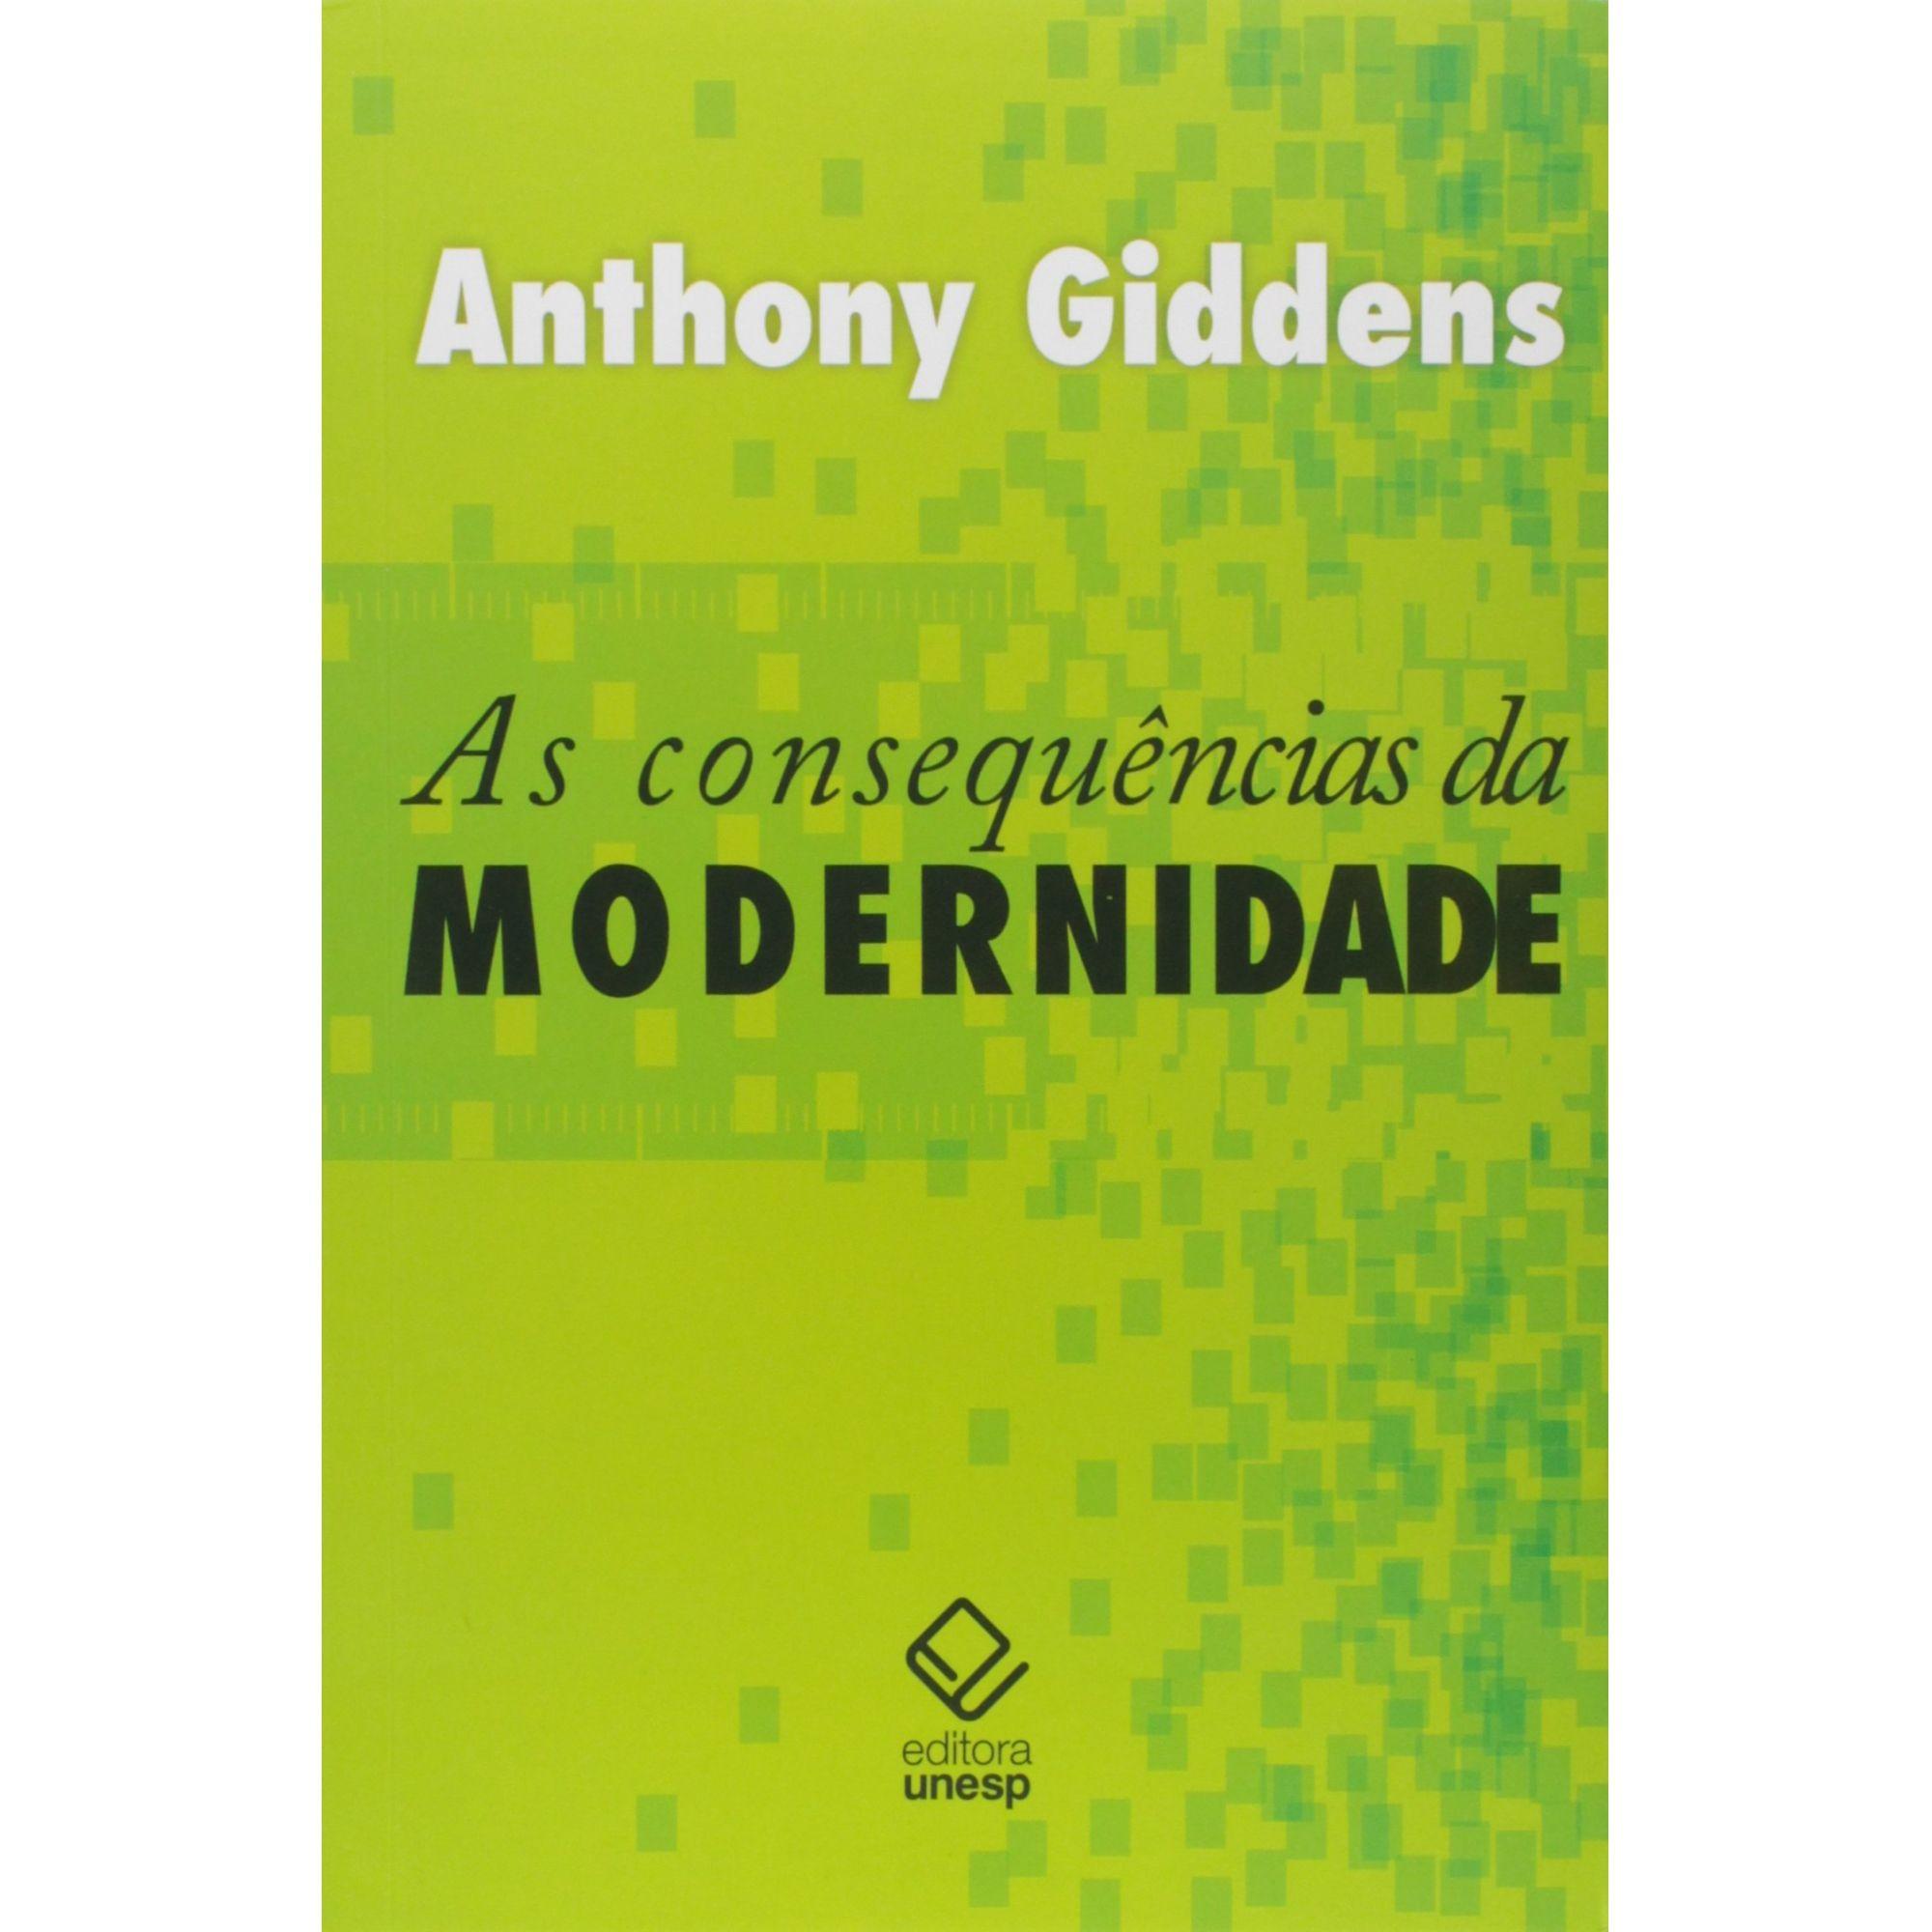 As consequências da modernidade